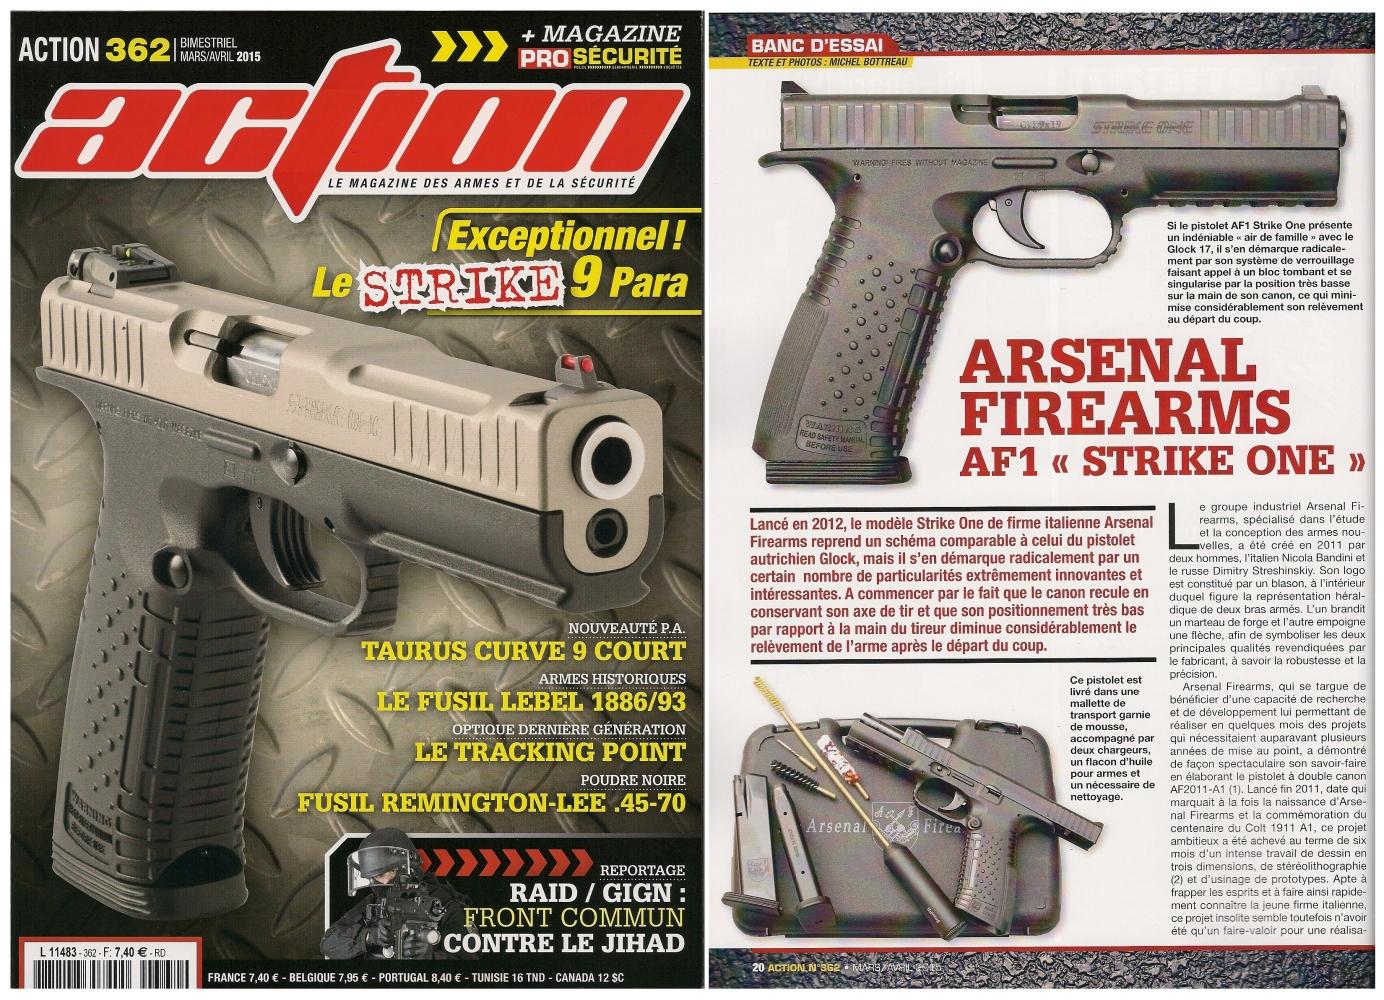 Le banc d'essai du pistolet Arsenal Firearms AF1 « Strike One » a été publié sur 6 pages dans le magazine Action n°362 (mars/avril 2015)